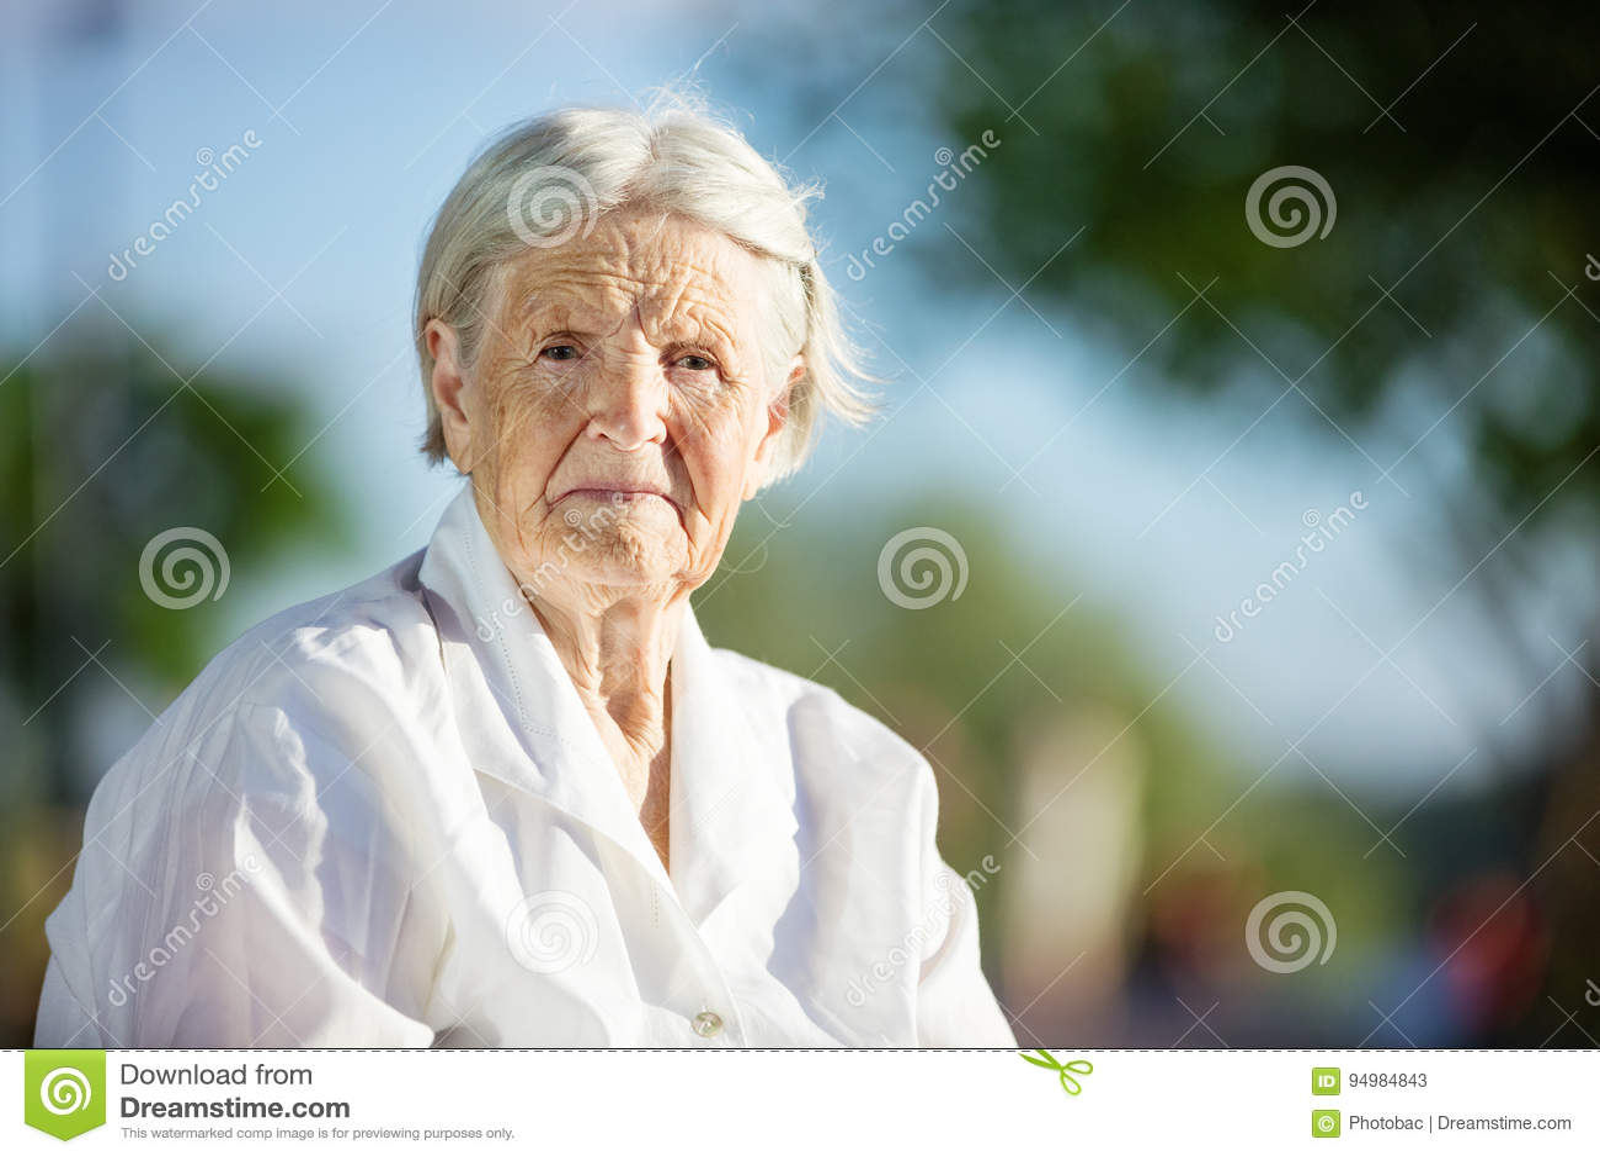 Portret van hogere vrouw in openlucht